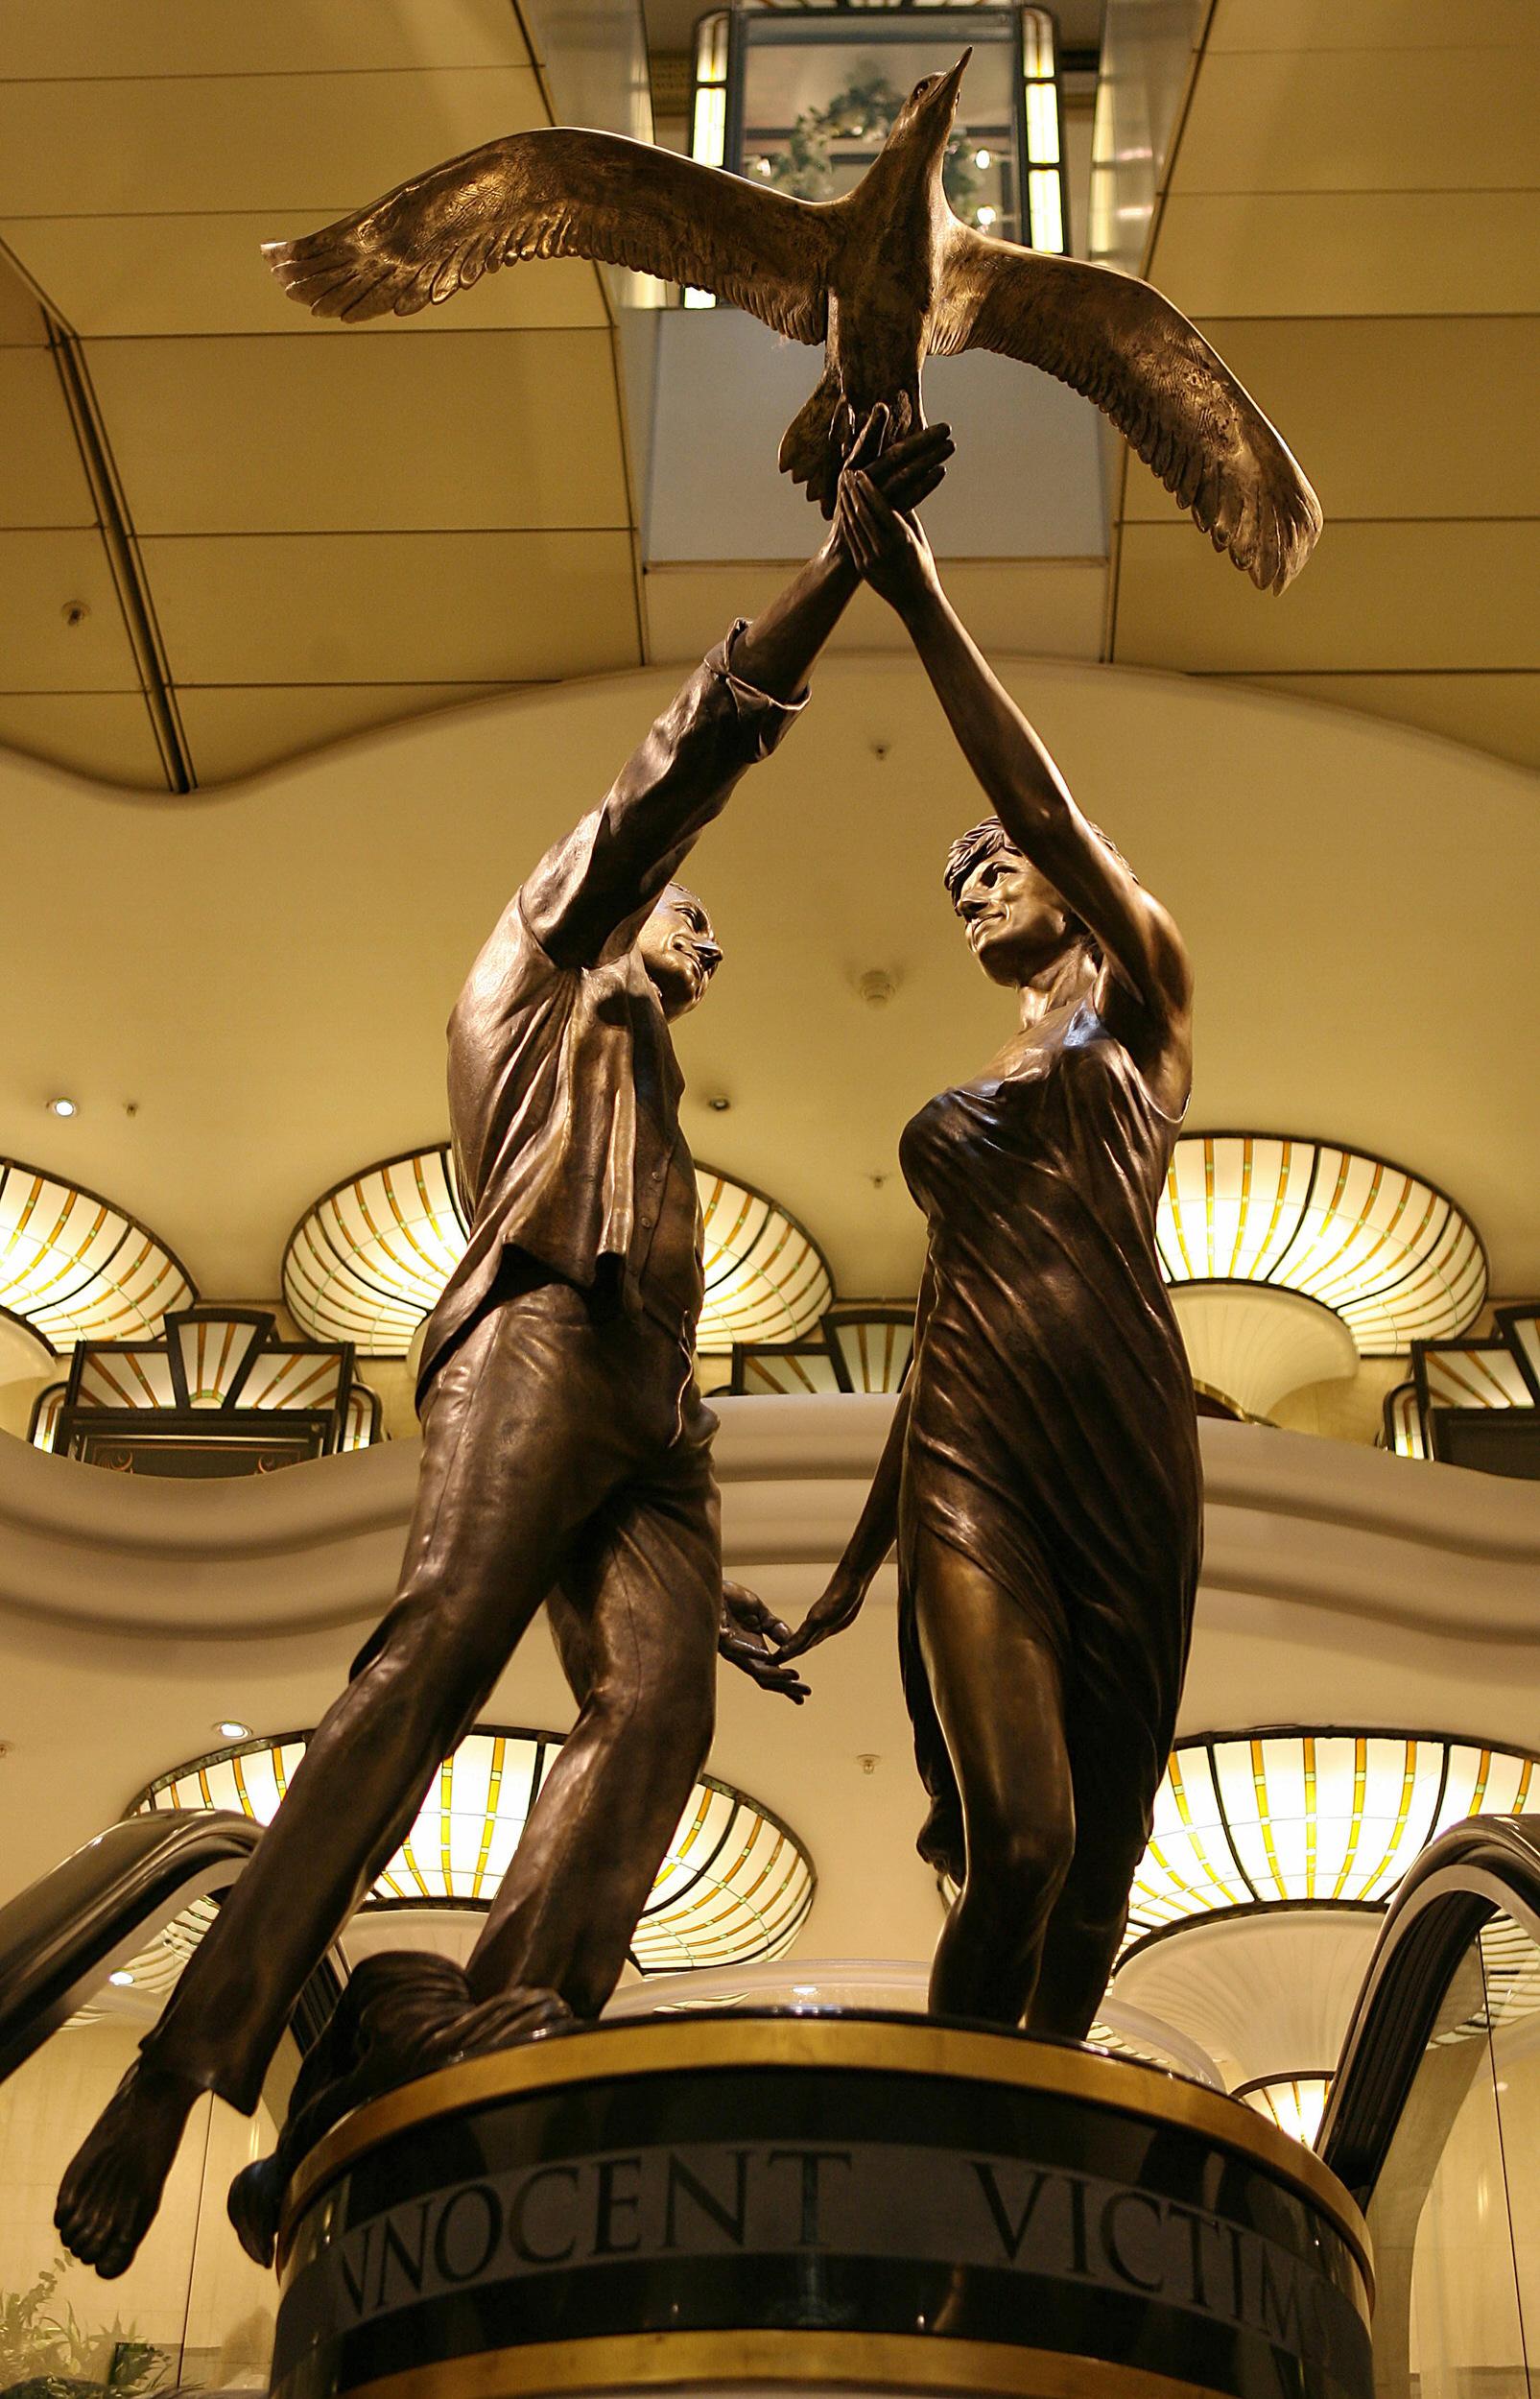 英國倫敦豪華百貨公司哈洛德(Harrods)今天表示,將移除黛安娜王妃和她的男友多迪.法耶德的雕像,並歸還給多迪.法耶德的父親穆罕默德.法耶德。(Getty Images)